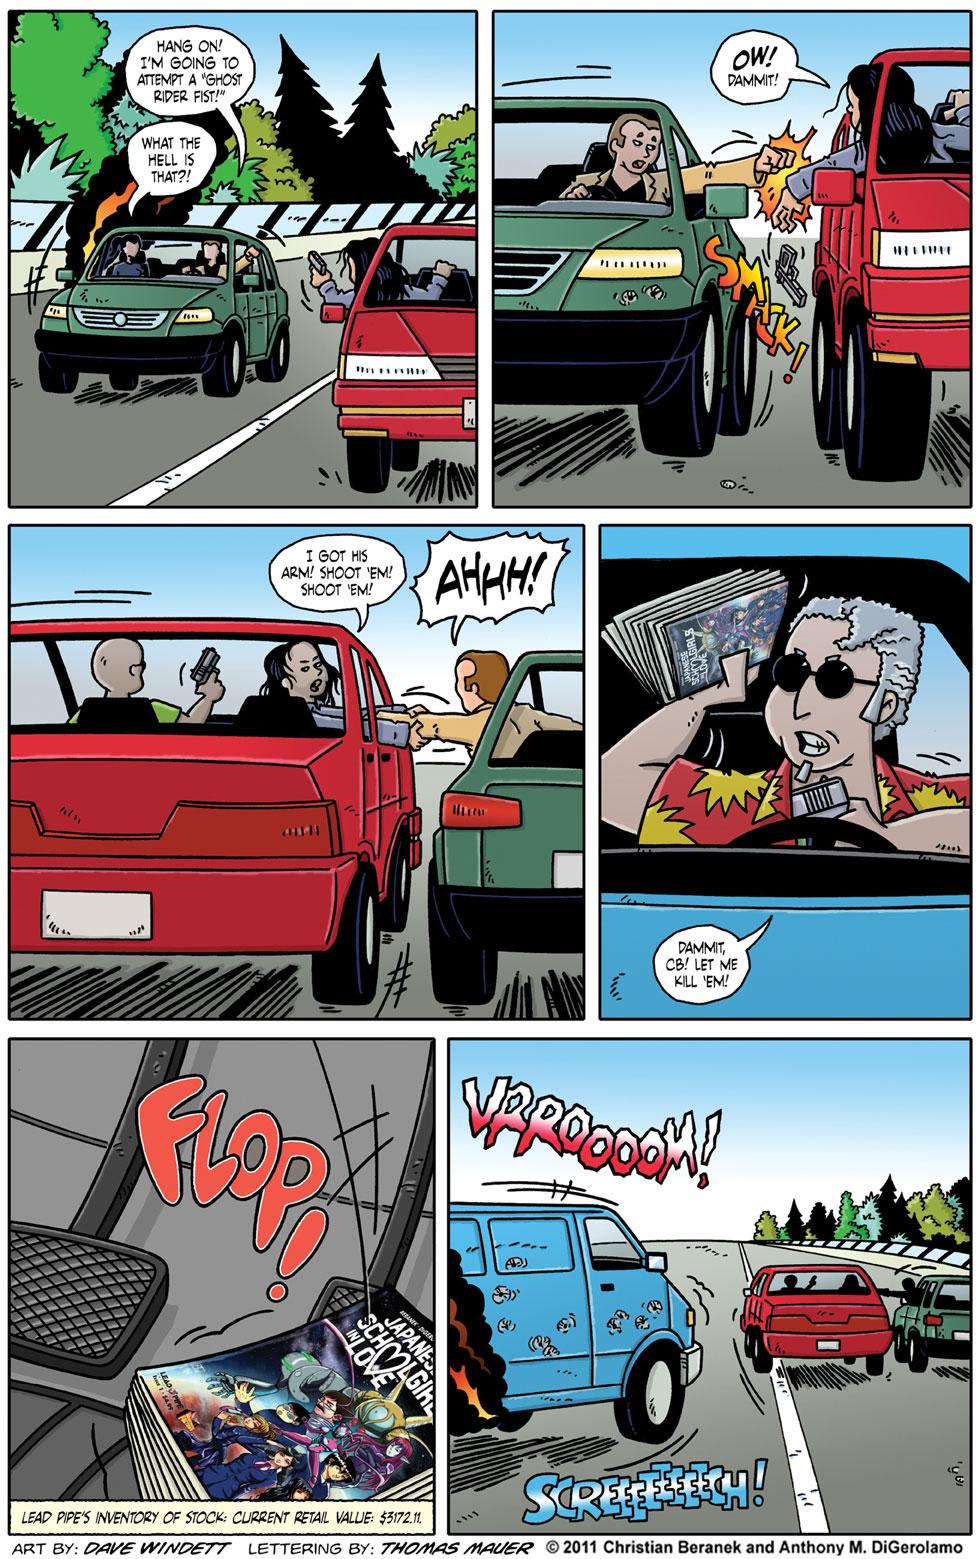 Comic Book Mafia #44:  The Heavy Issue Maneuver